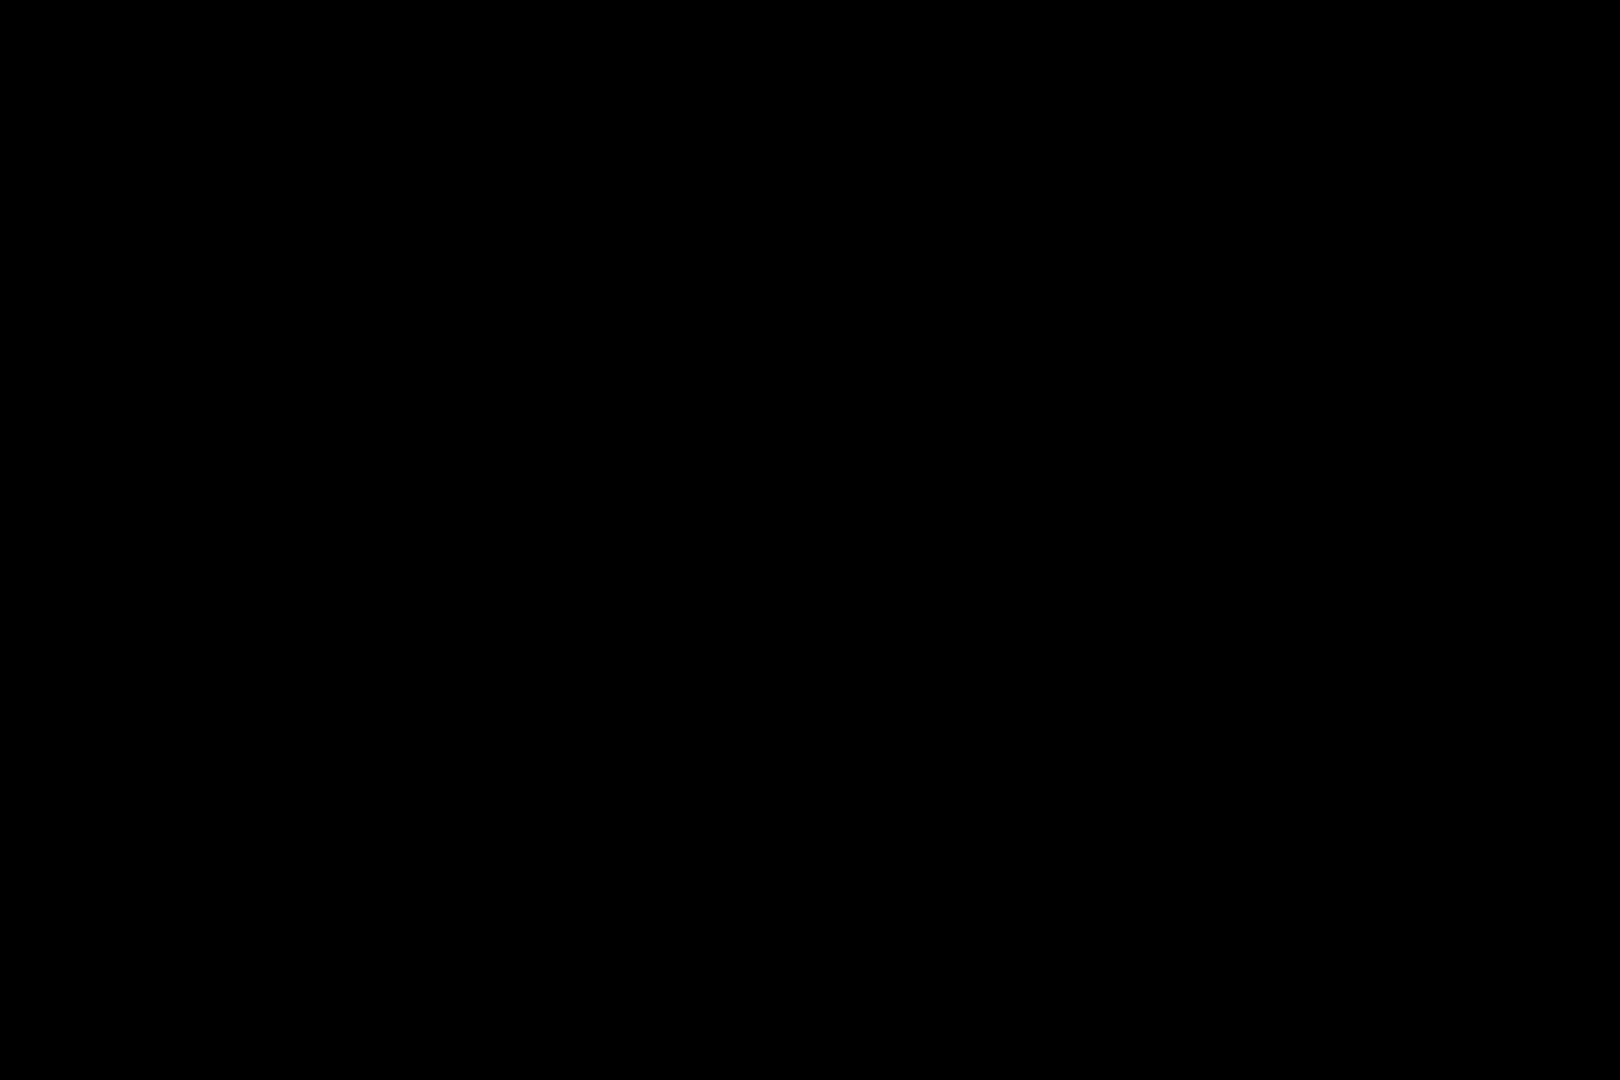 L'observatoire de Carrières-sous-Poissy récompensé